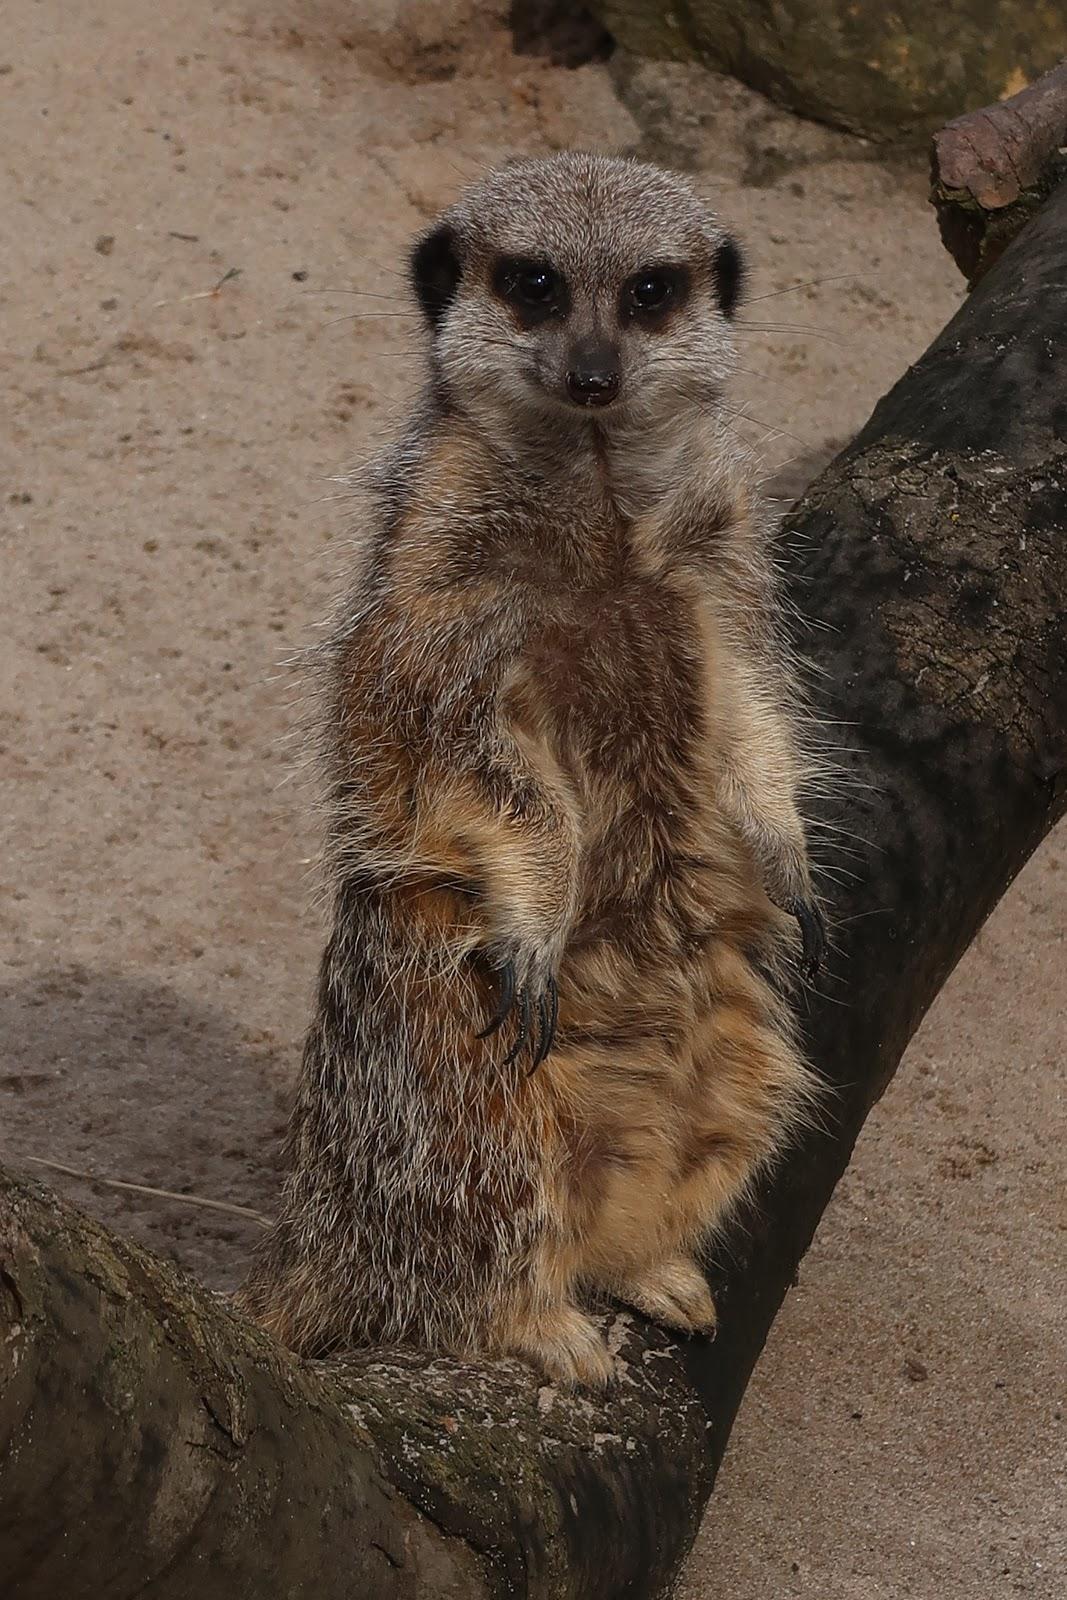 Meerkats Wigfield Farm Barnsley